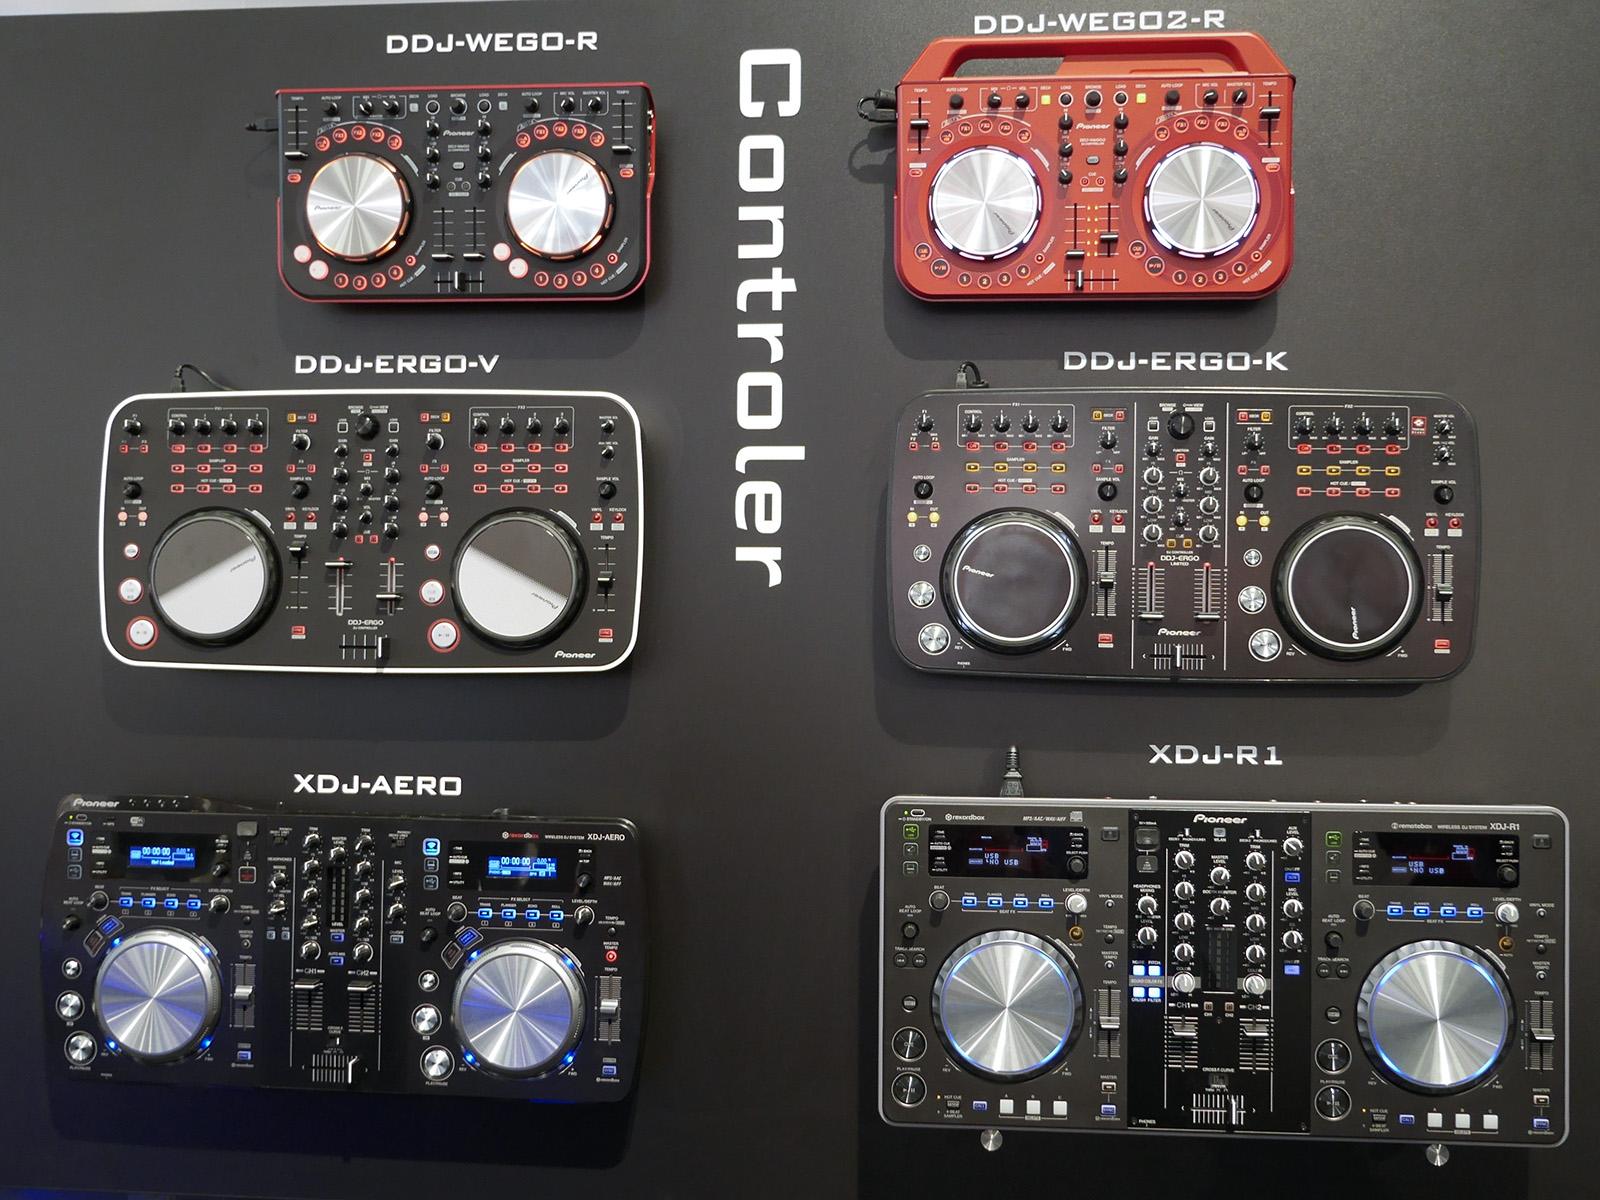 dj udstyr dk